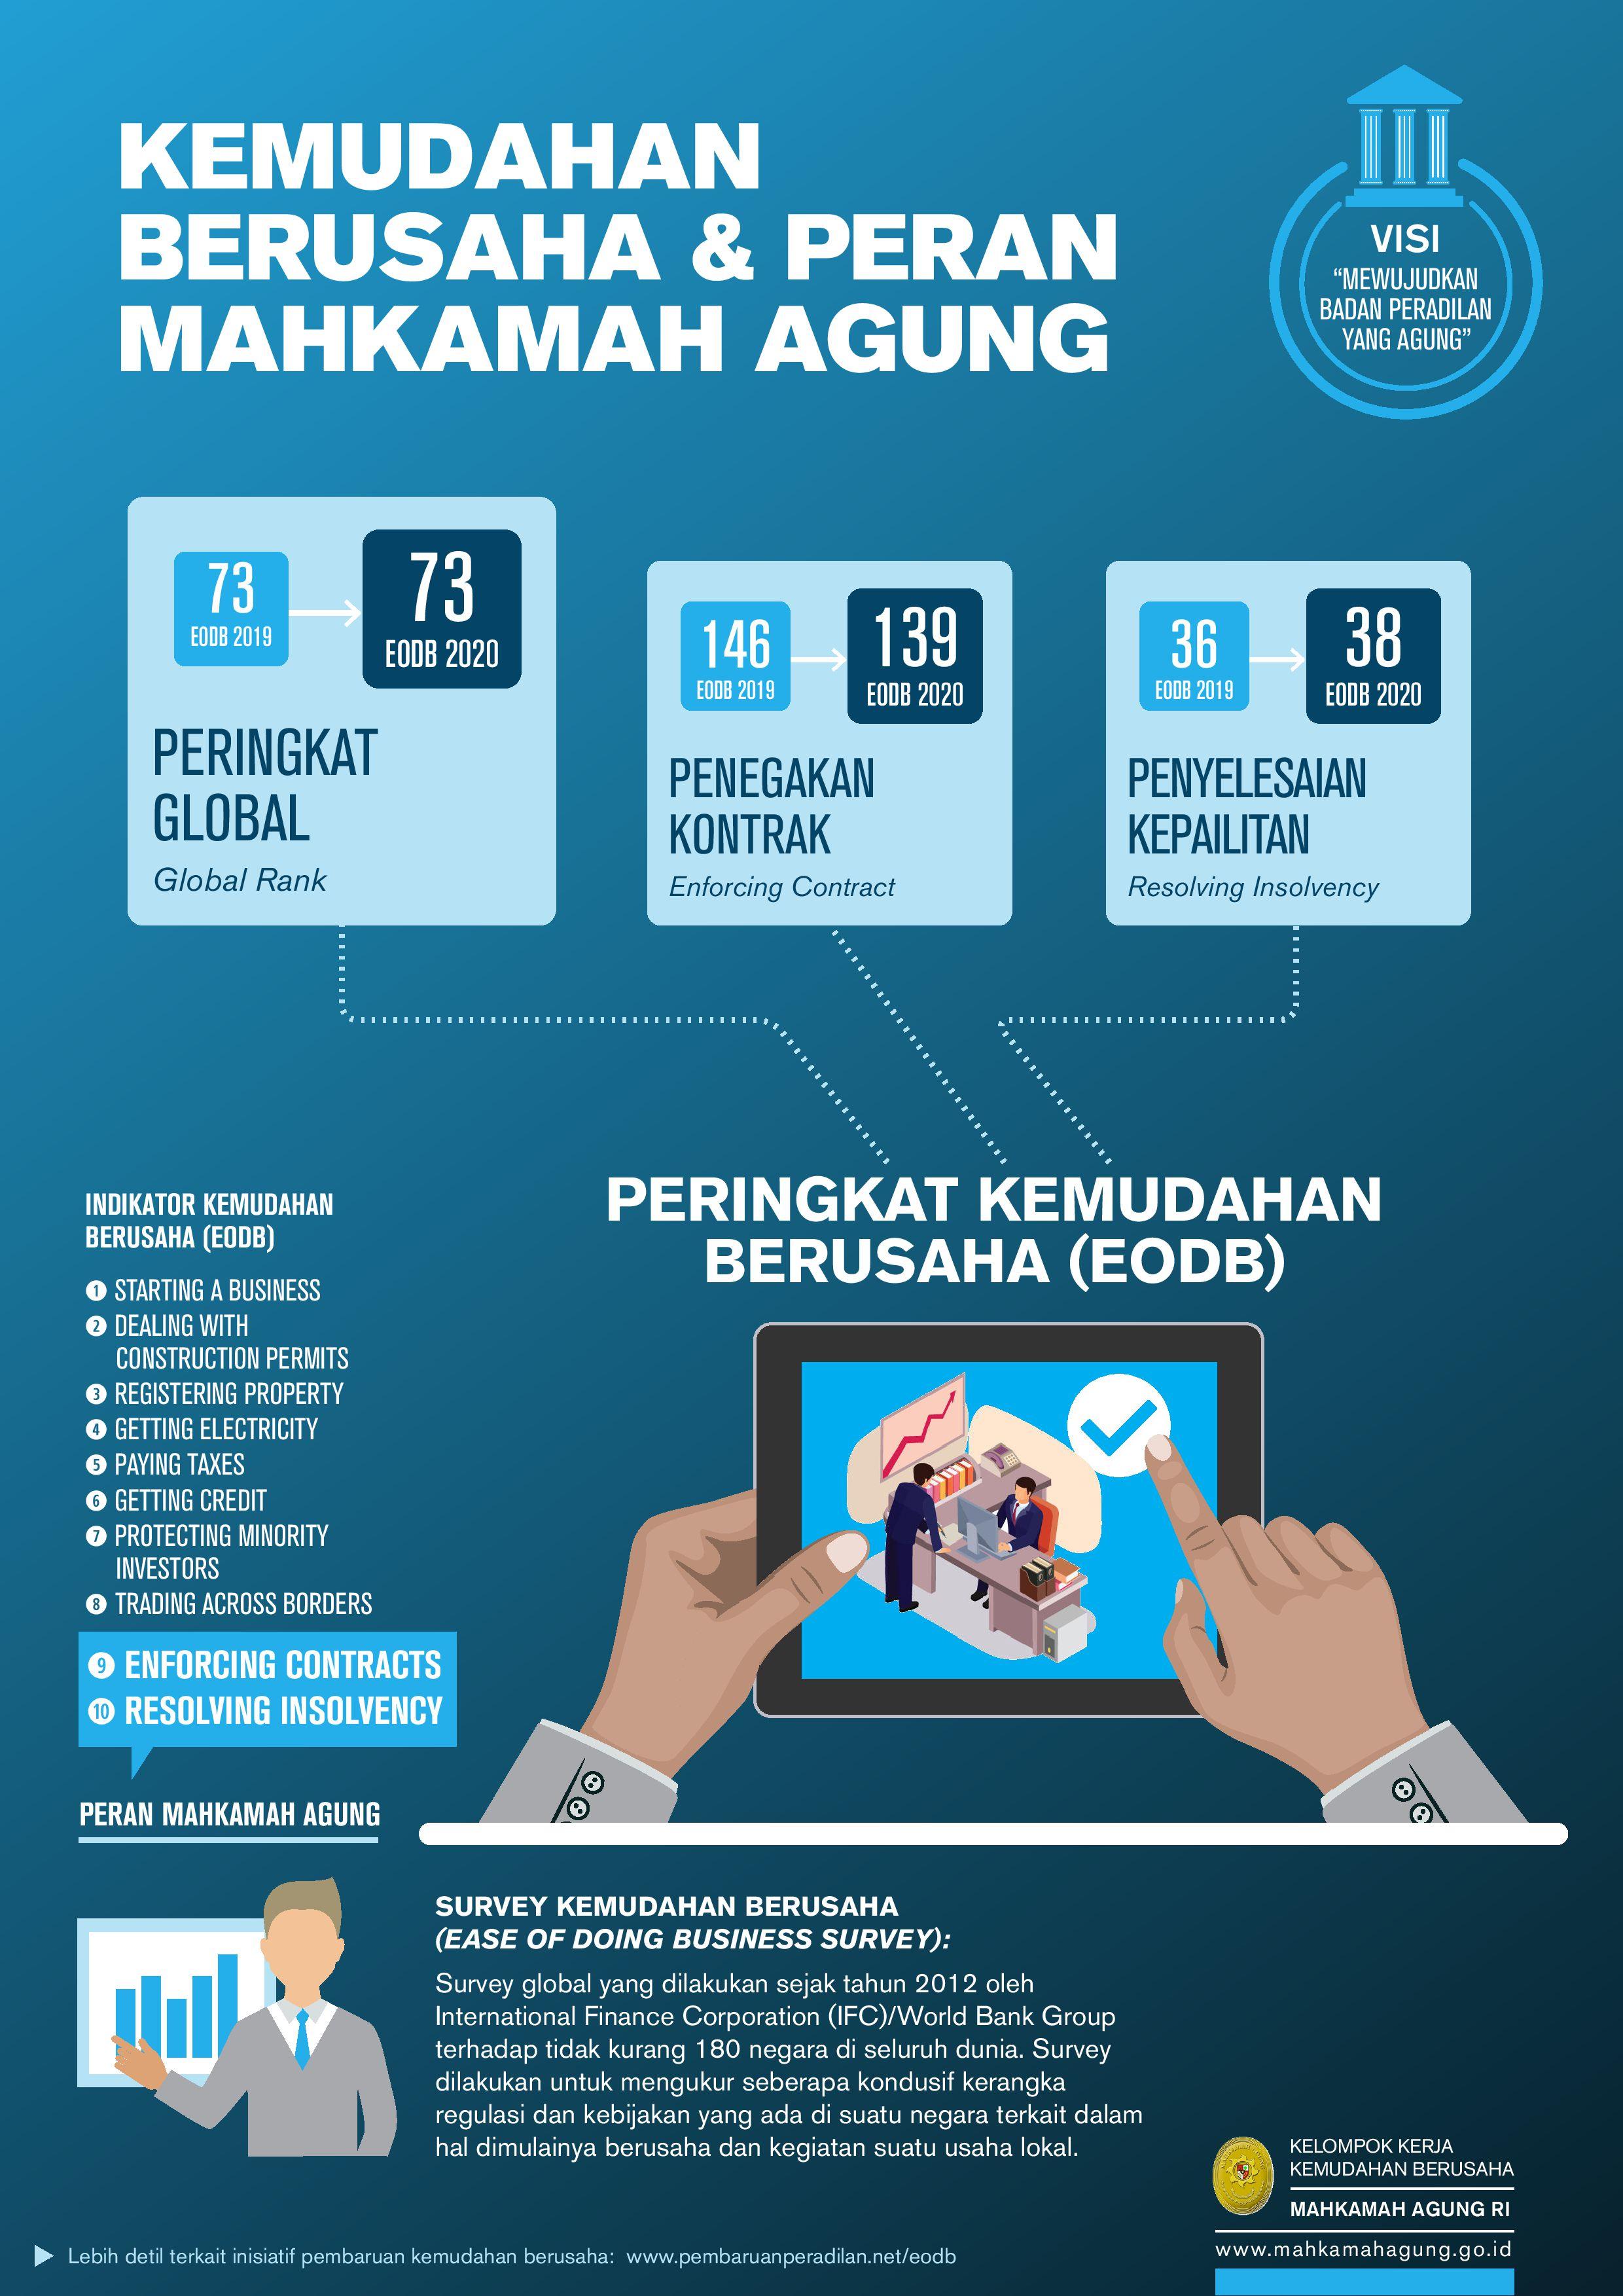 Infographic-Pembaruan_Peradilan-MA-Compiled_2020_01